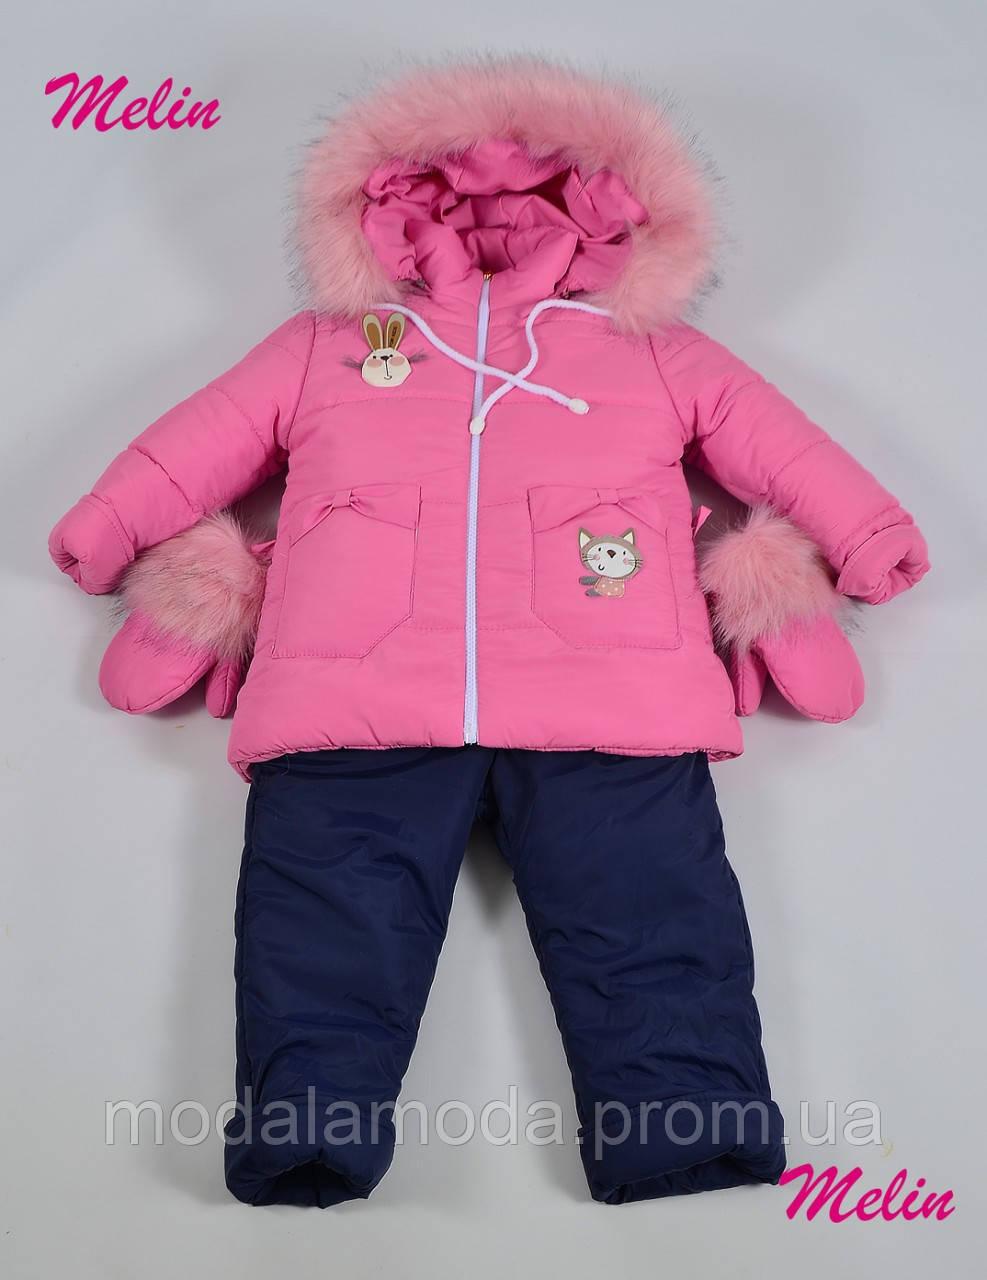 Зимние костюми на детей Только опт!!!!